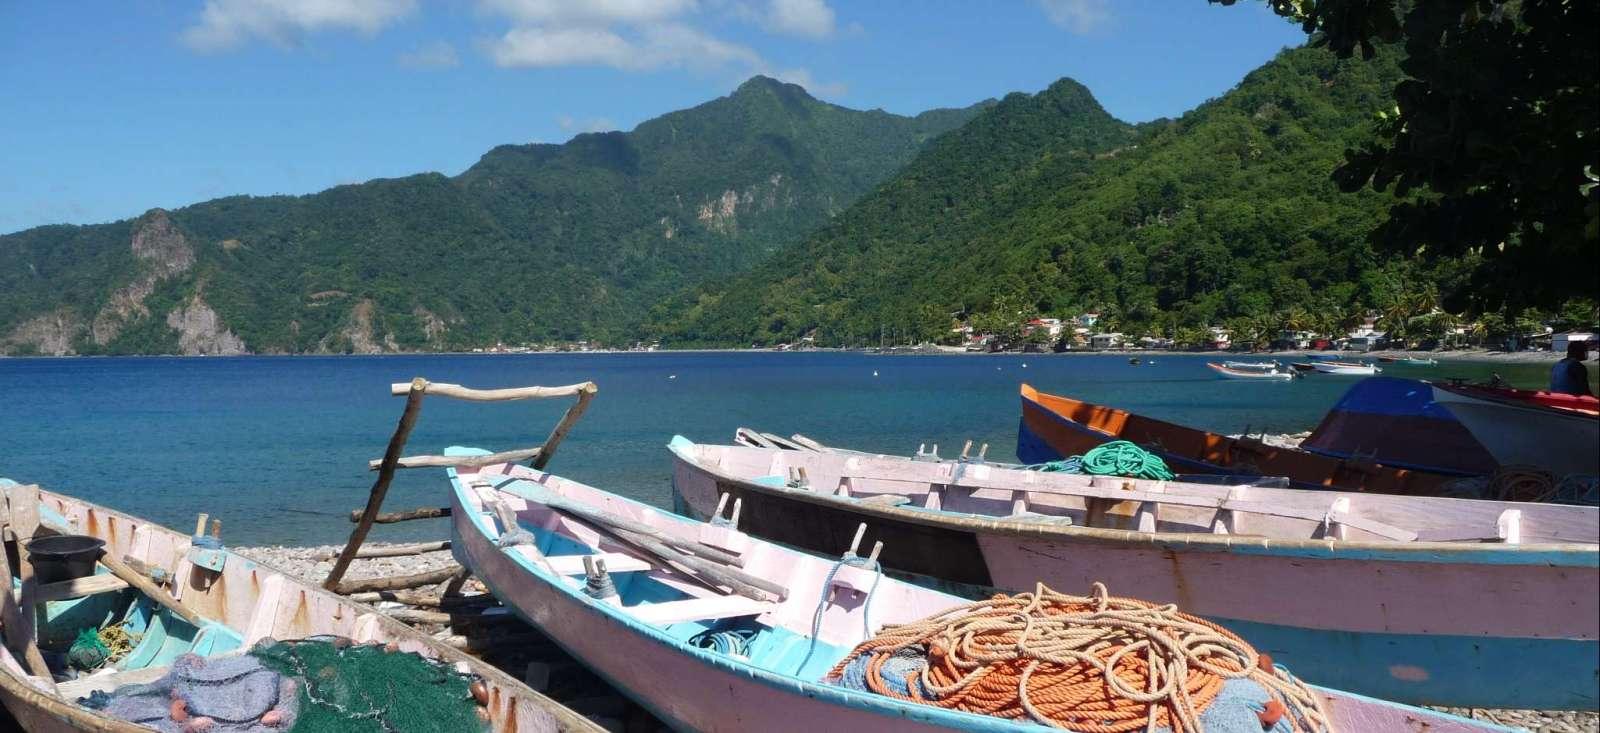 Voyage à pied Dominique : Rando et plages au cœur de la Dominique